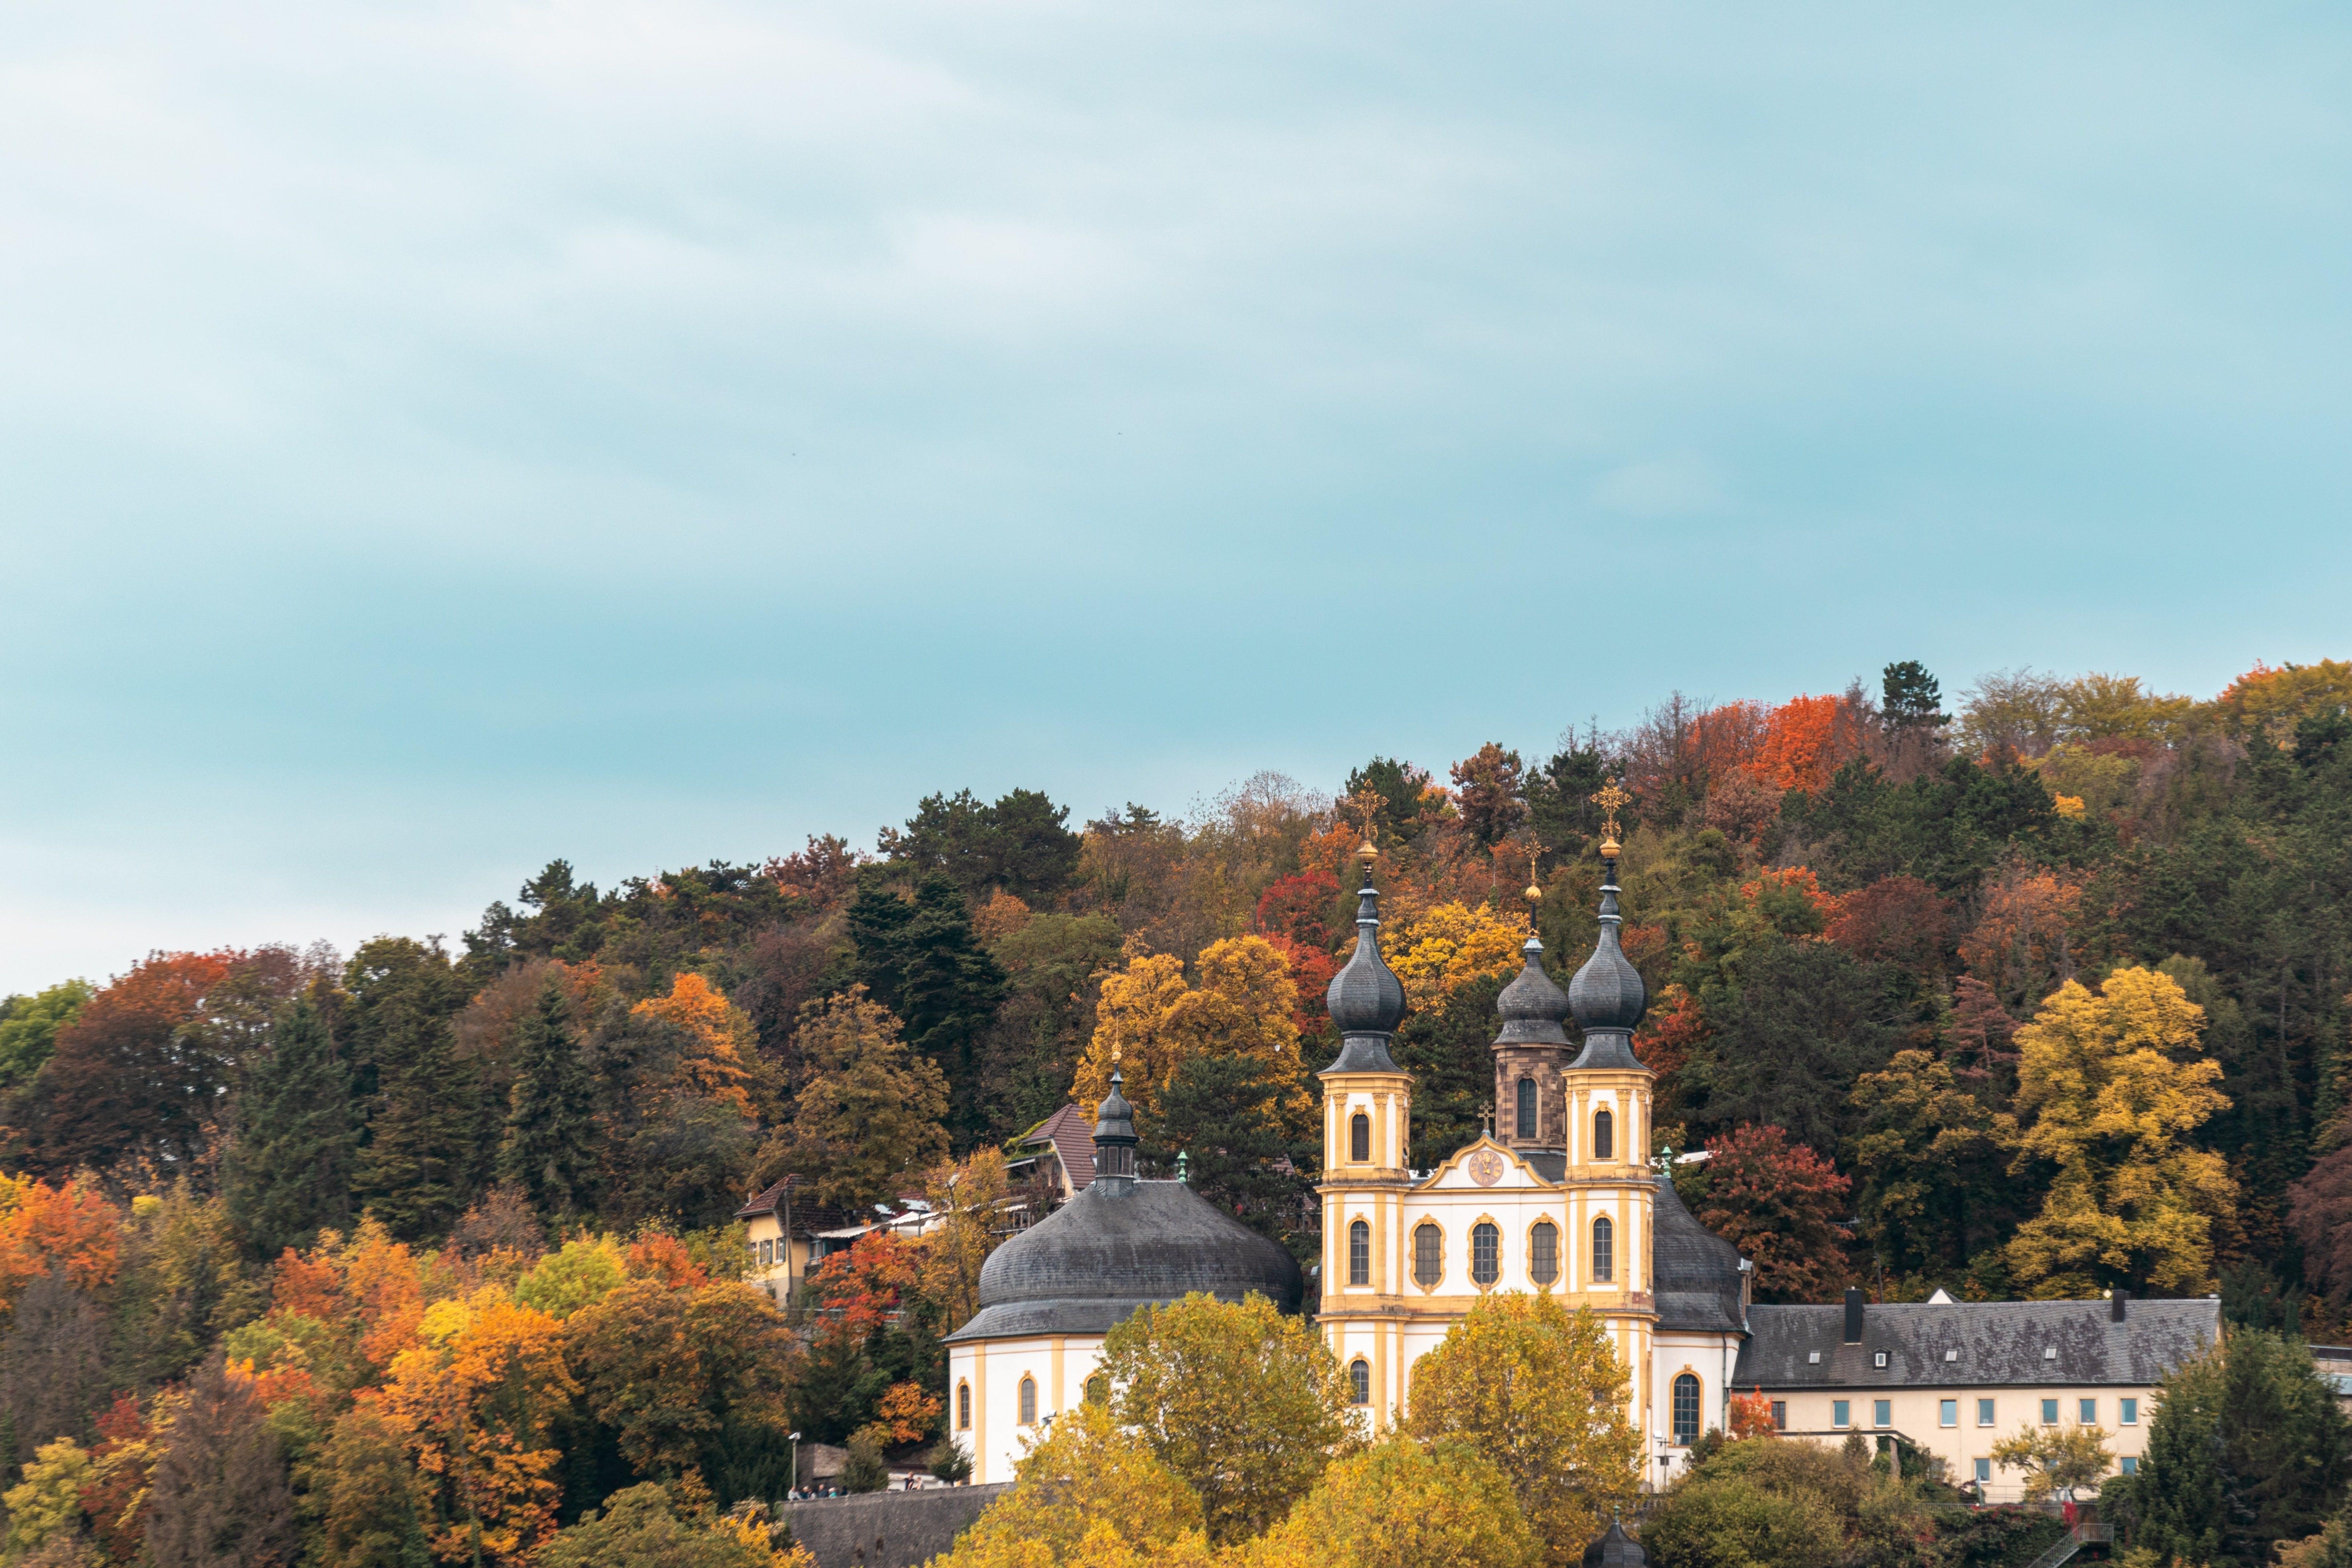 Wurzbürg, Germany